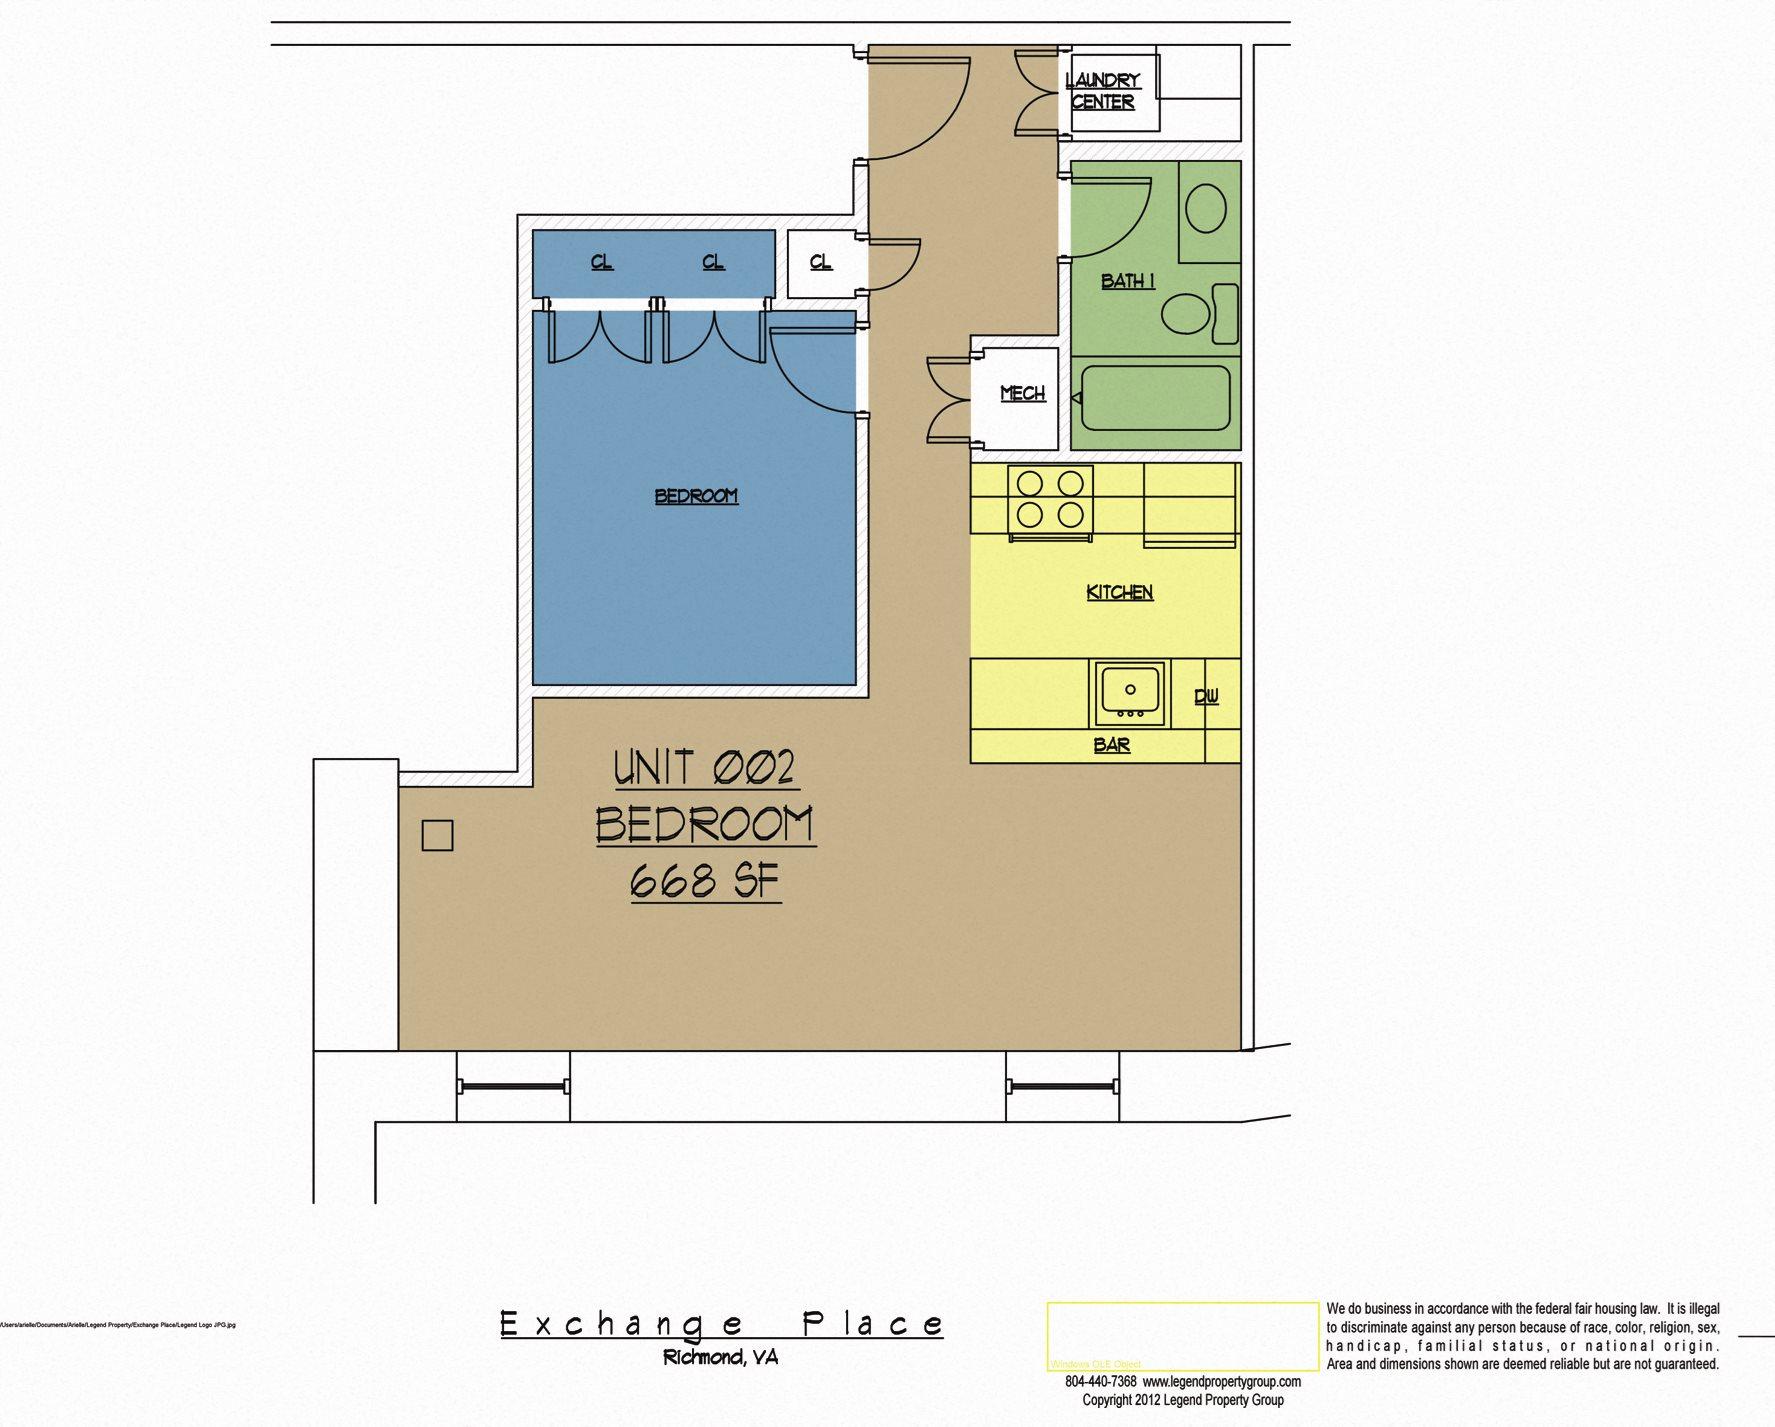 Floor Plans Of Exchange Place In Richmond, VA